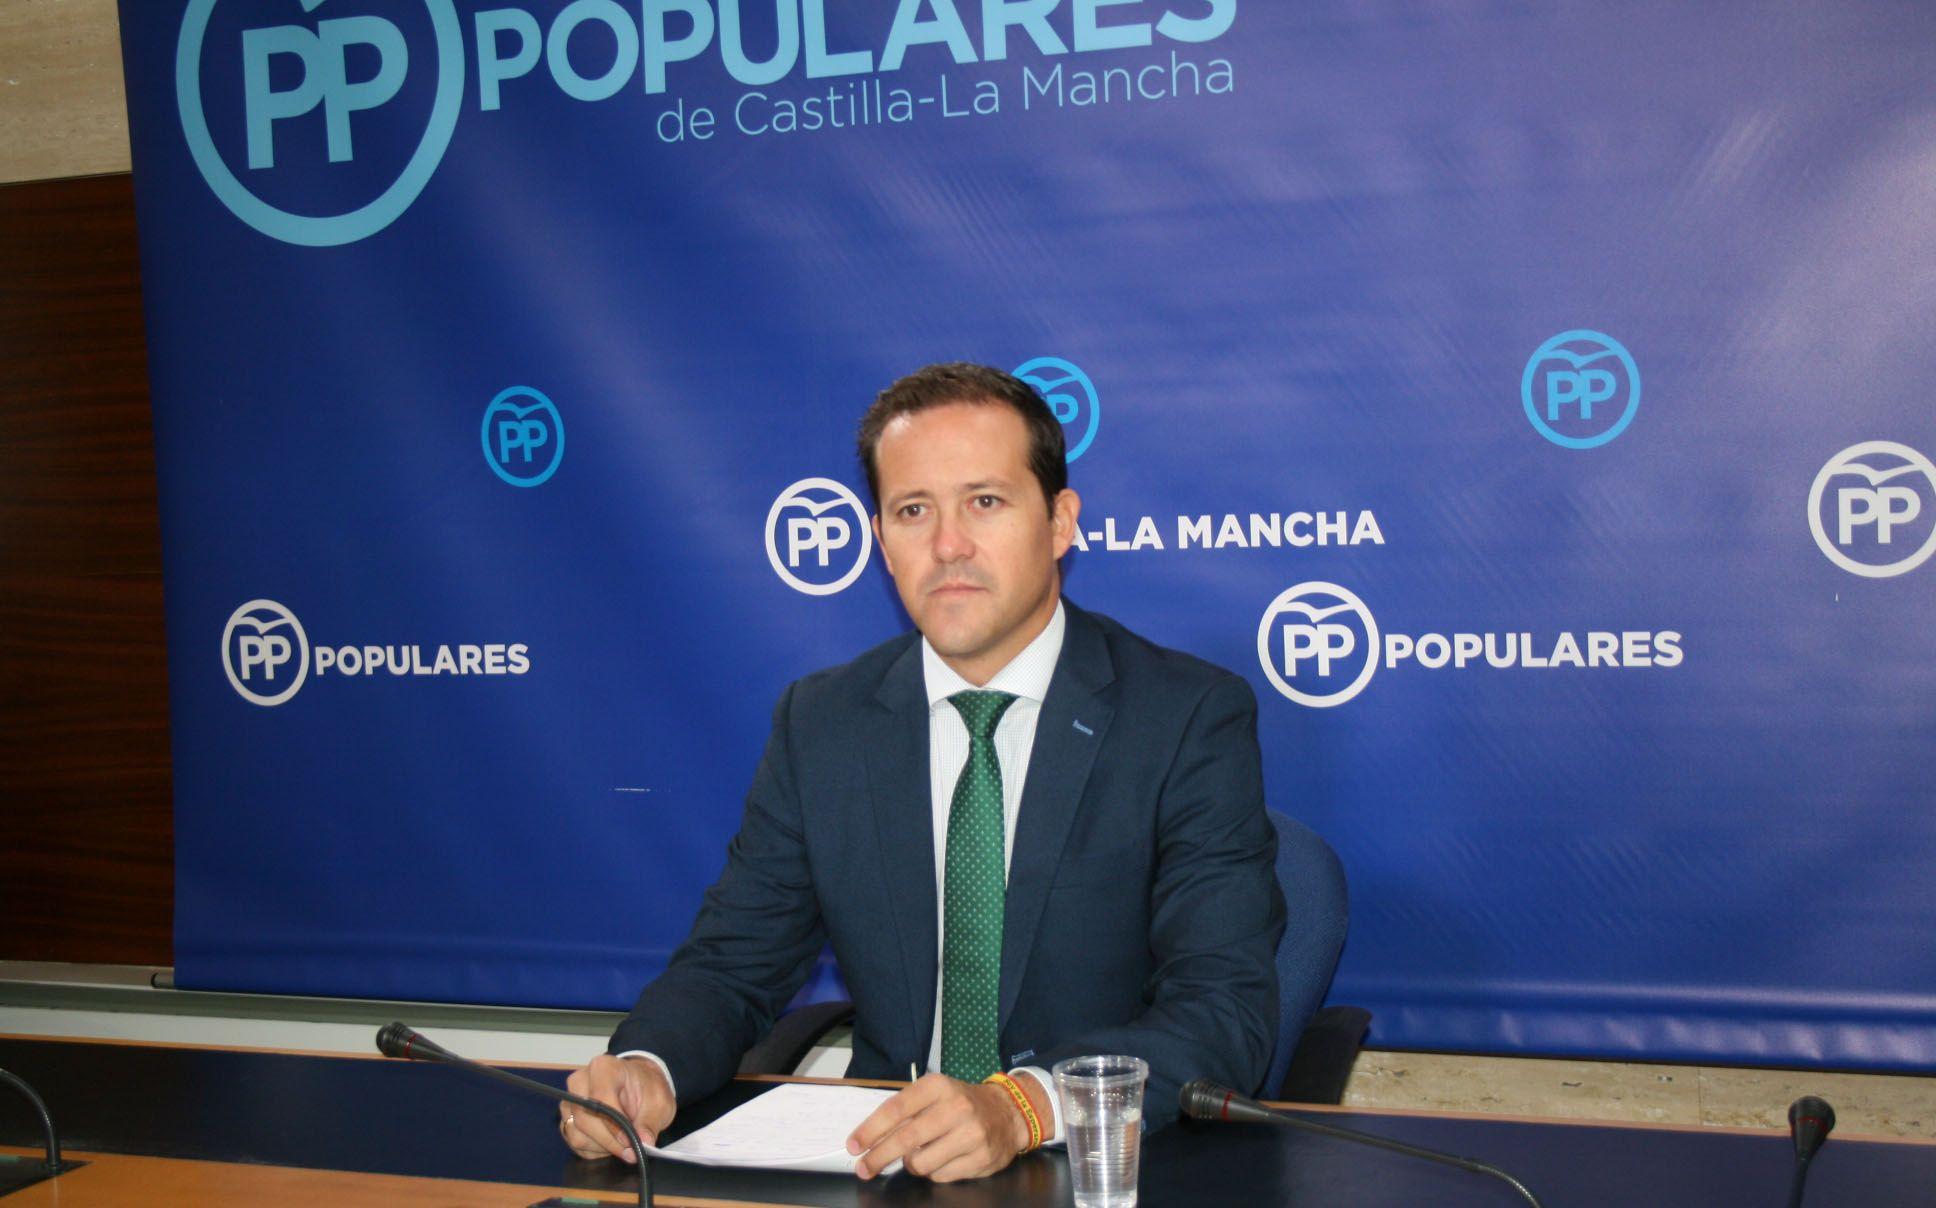 El PP denuncia la hipocresía de Page quien asegura defender la unidad de España pero mantiene a su vicepresidente de Podemos